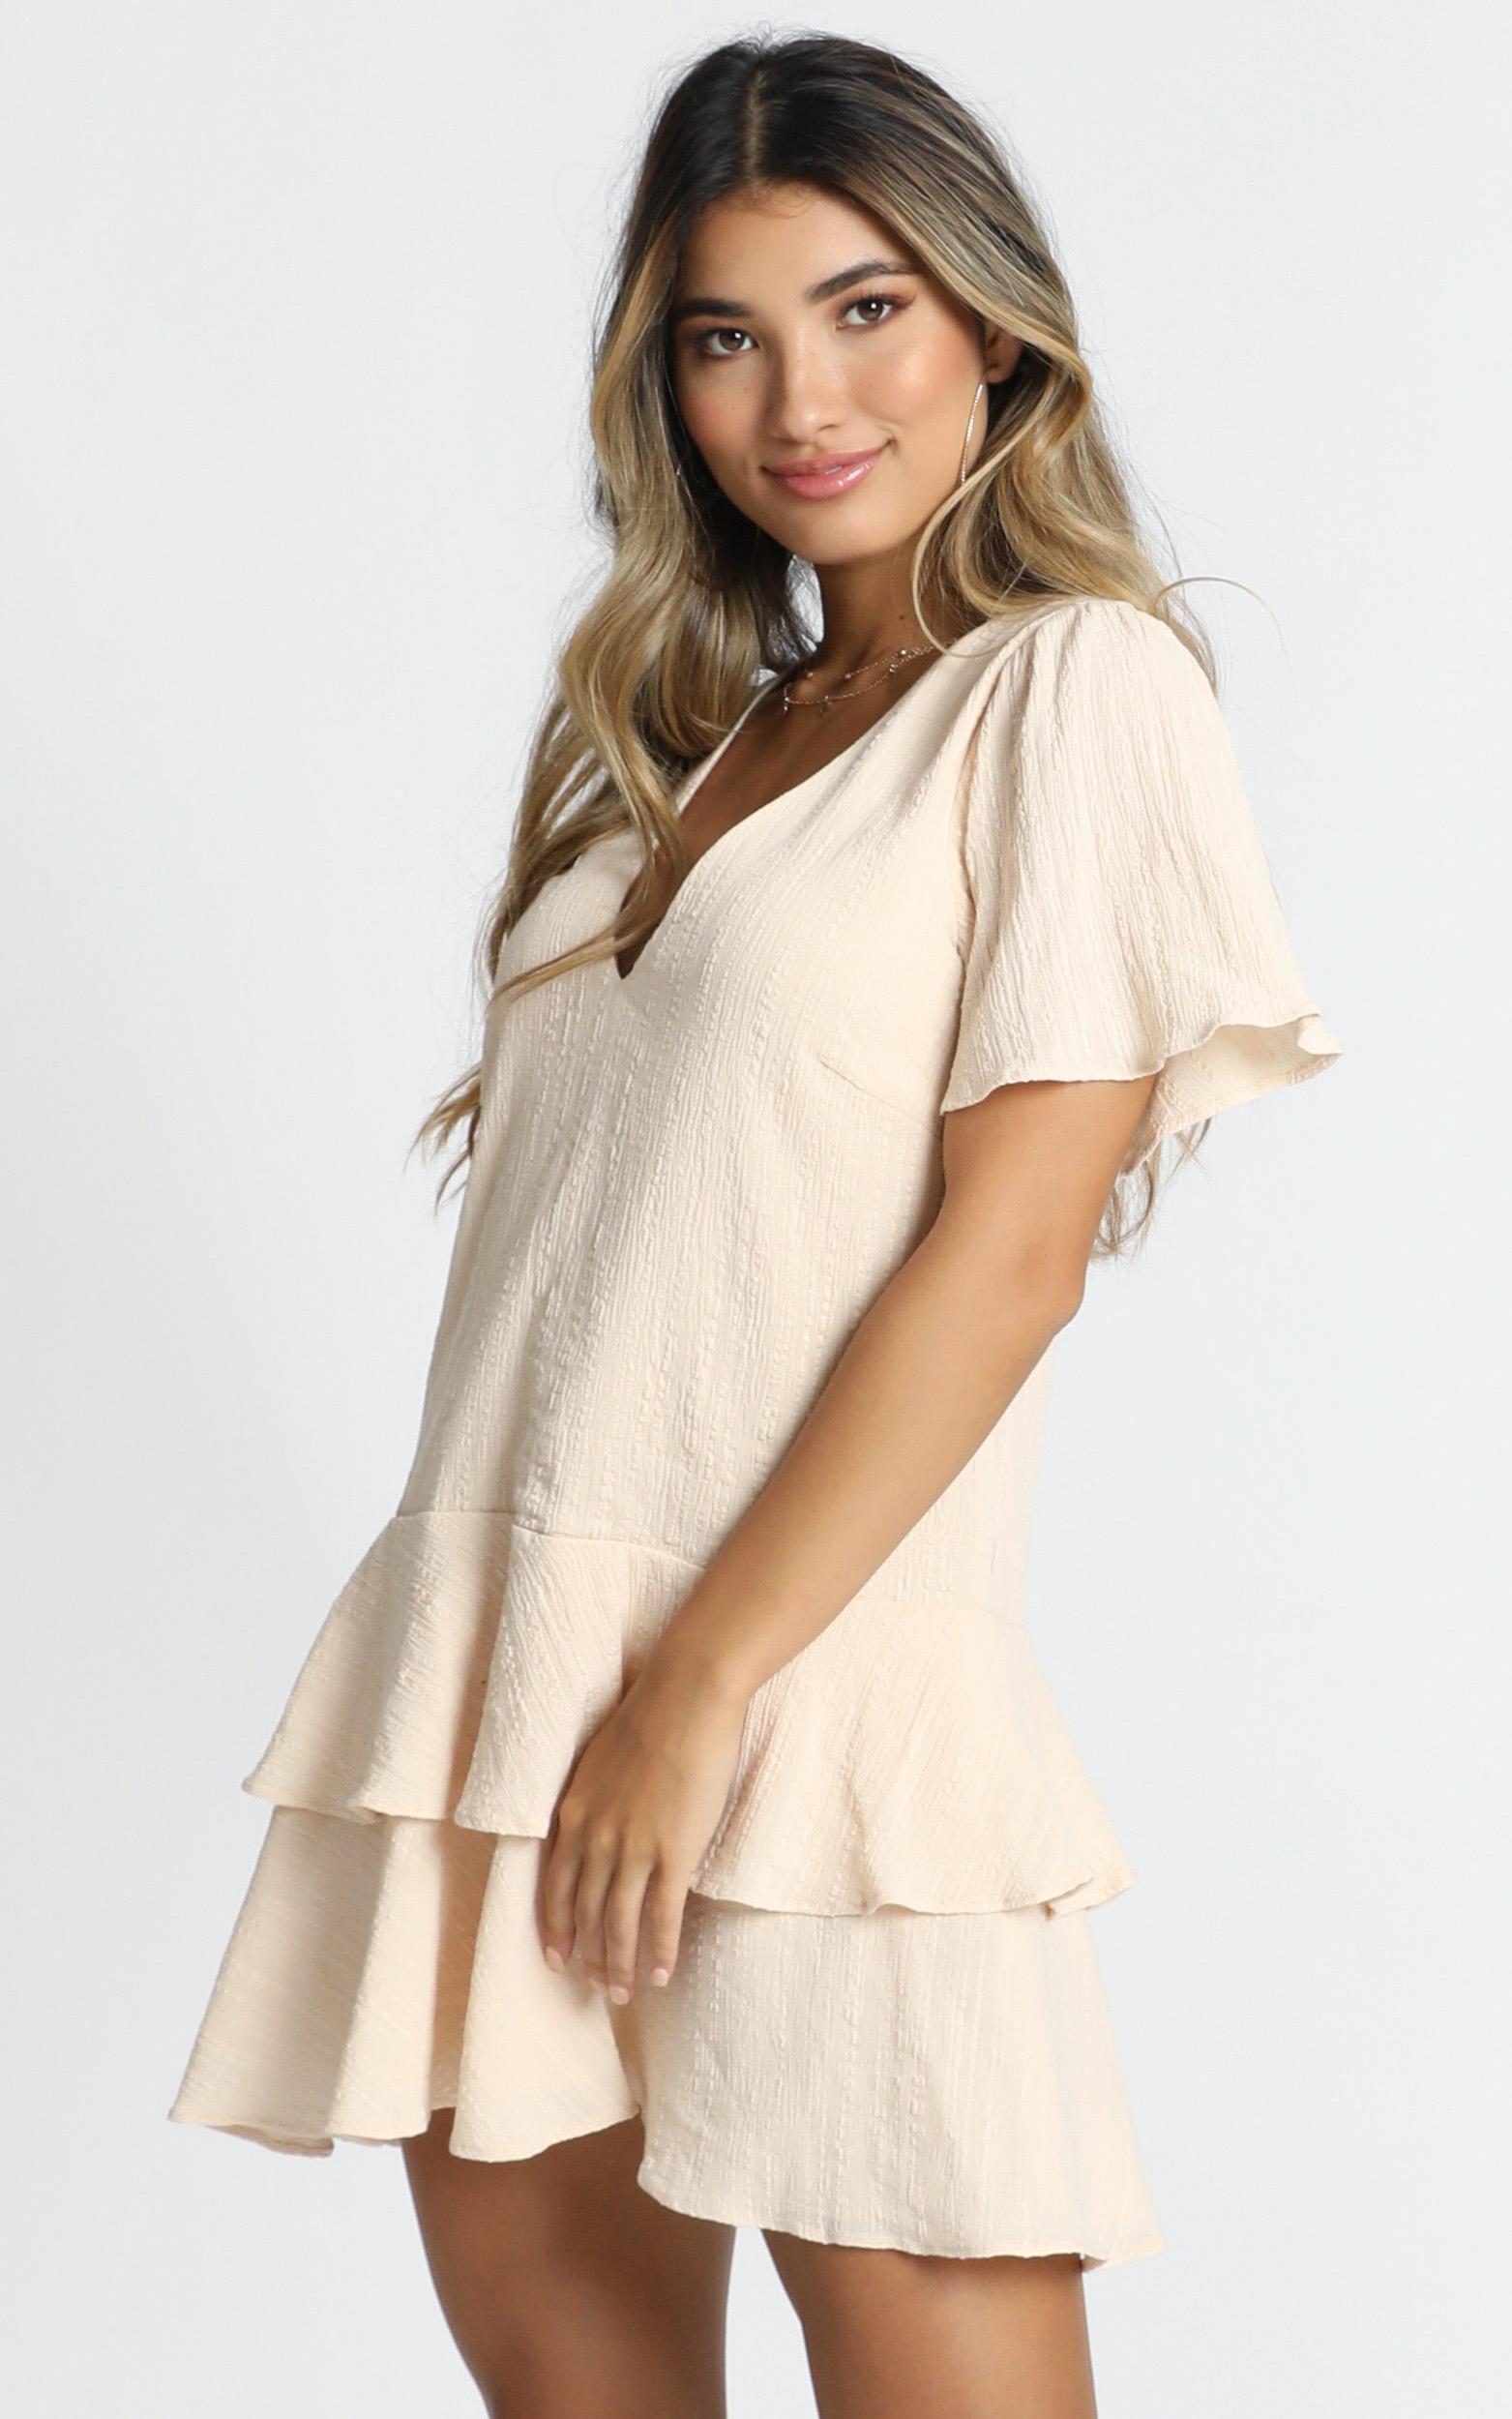 Bahama Baby Dress in beige - 20 (XXXXL), Beige, hi-res image number null